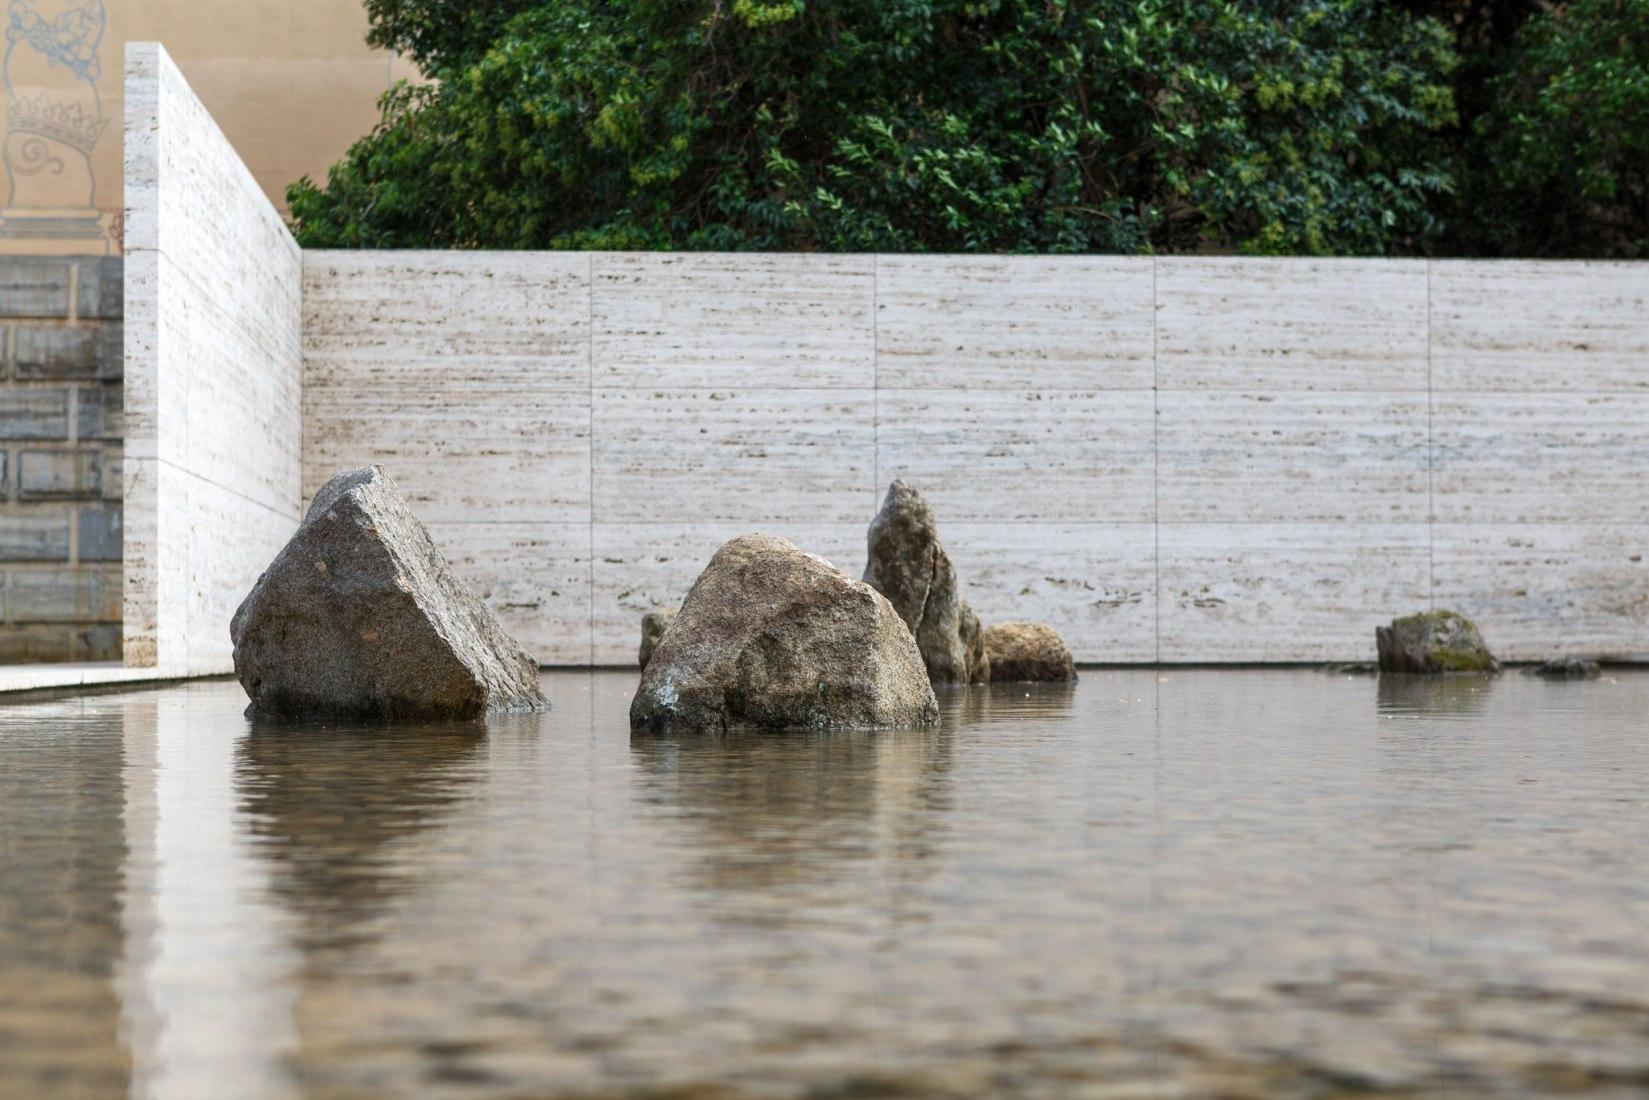 La Fundació Mies van der Rohe presenta la intervención Fifteen stones (Ryōan-ji) de Spencer Finch. Fotografía por Anna Mas